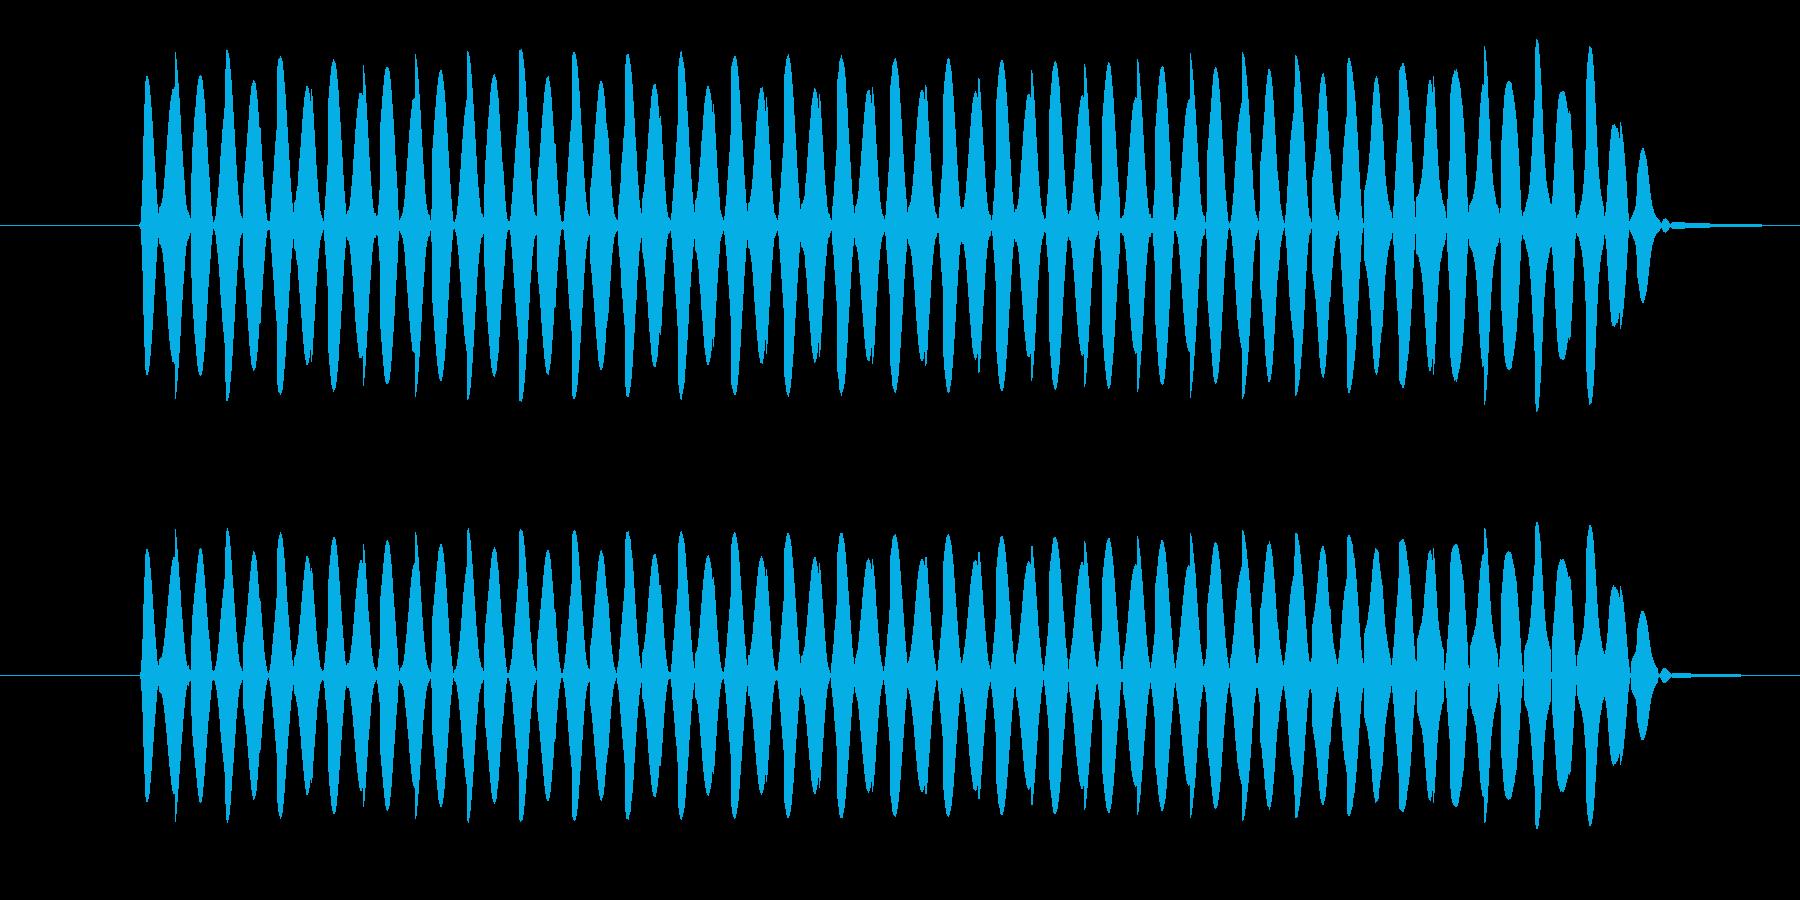 ゲーム、クイズ(ブー音)_005の再生済みの波形